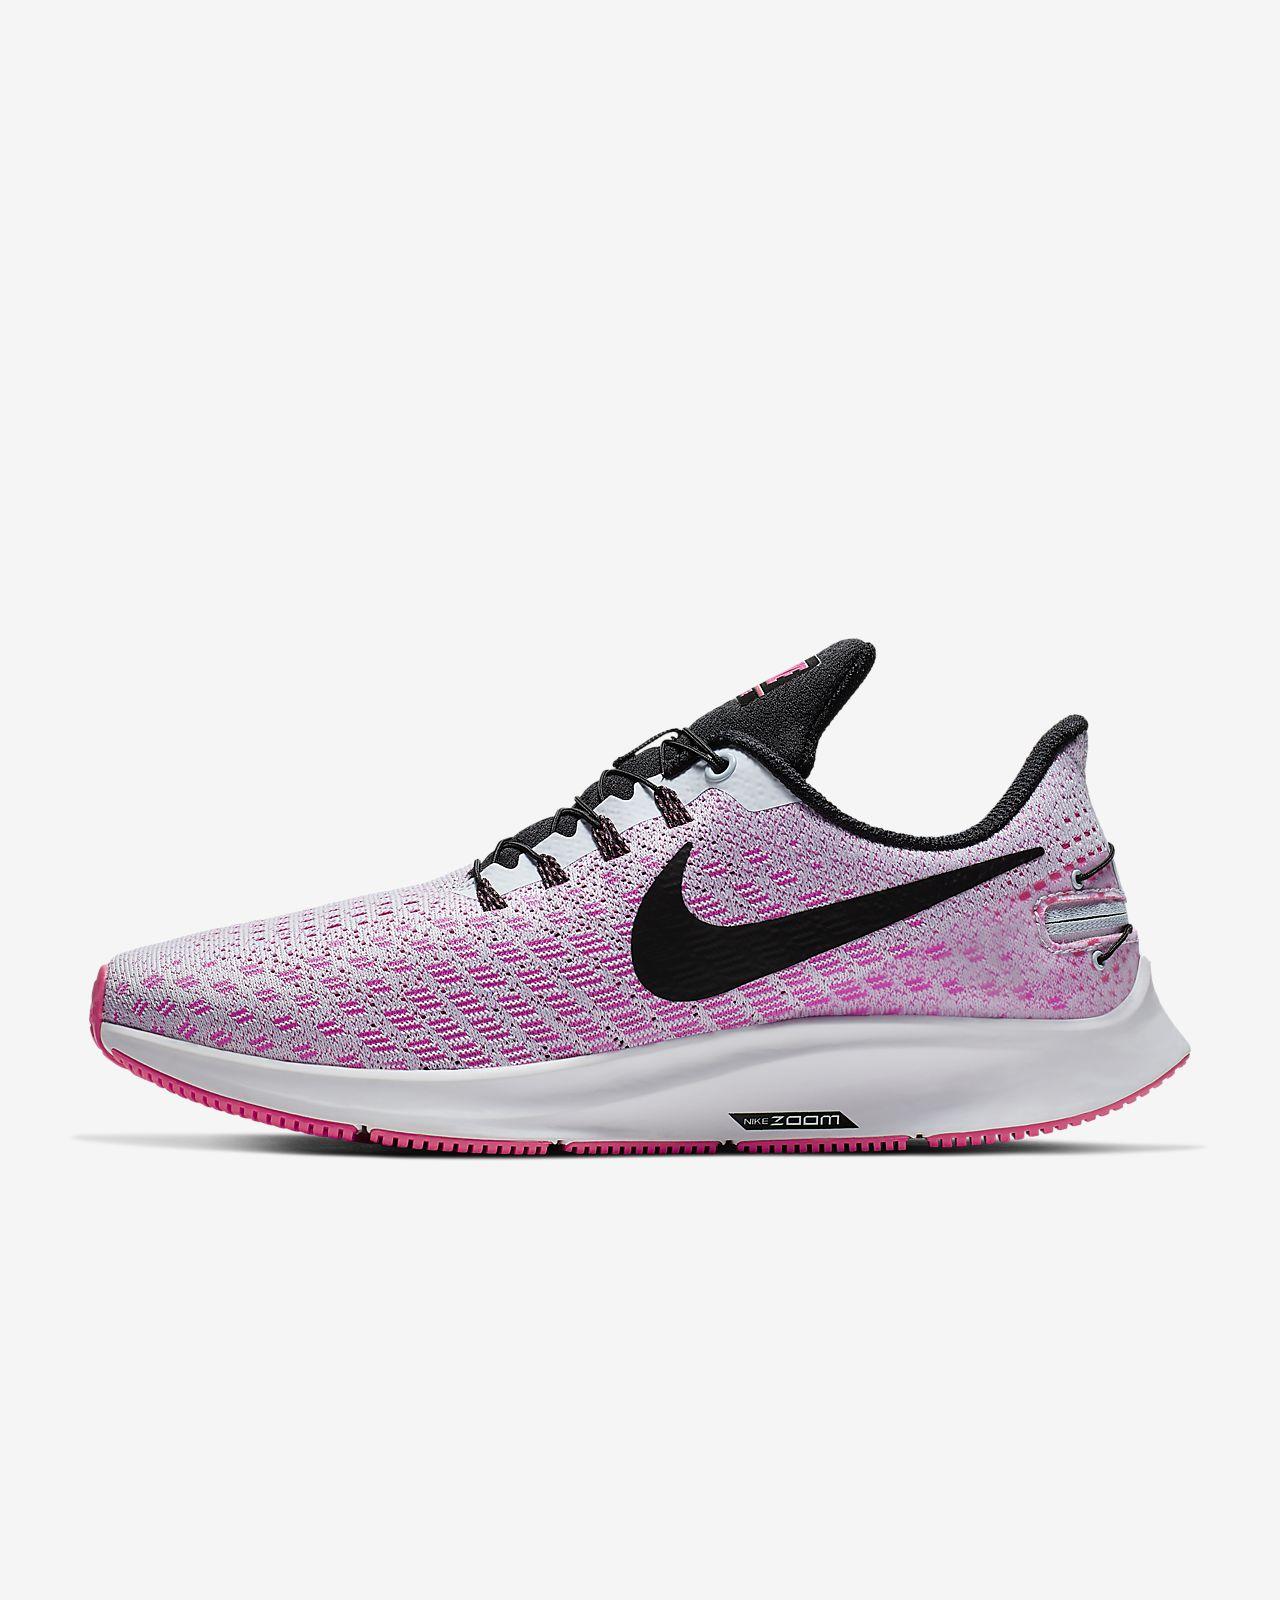 Sapatilhas de running Nike Air Zoom Pegasus 35 FlyEase para mulher (largas)